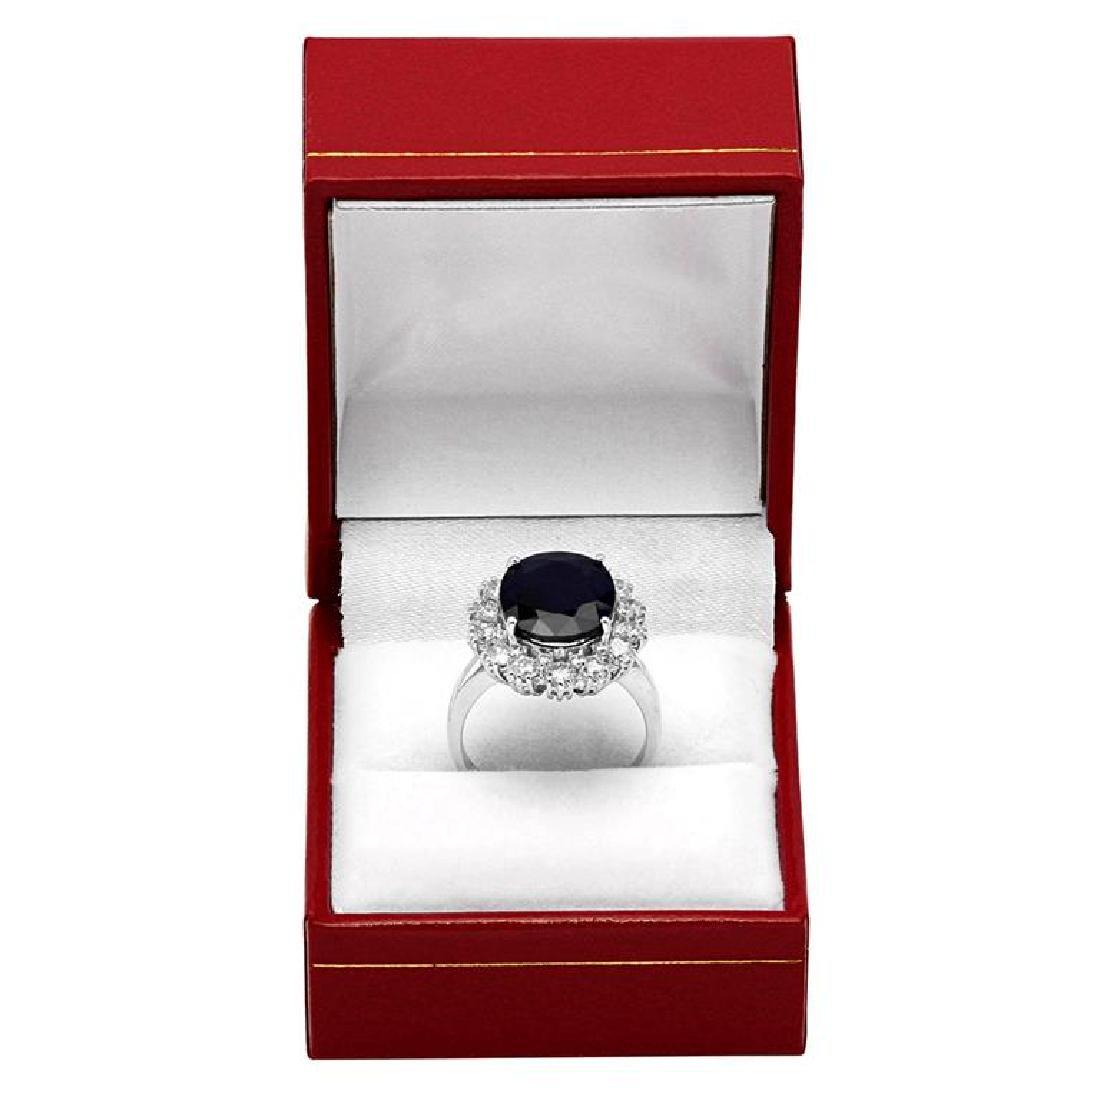 14k White Gold 6.17ct Sapphire 1.64ct Diamond Ring - 4